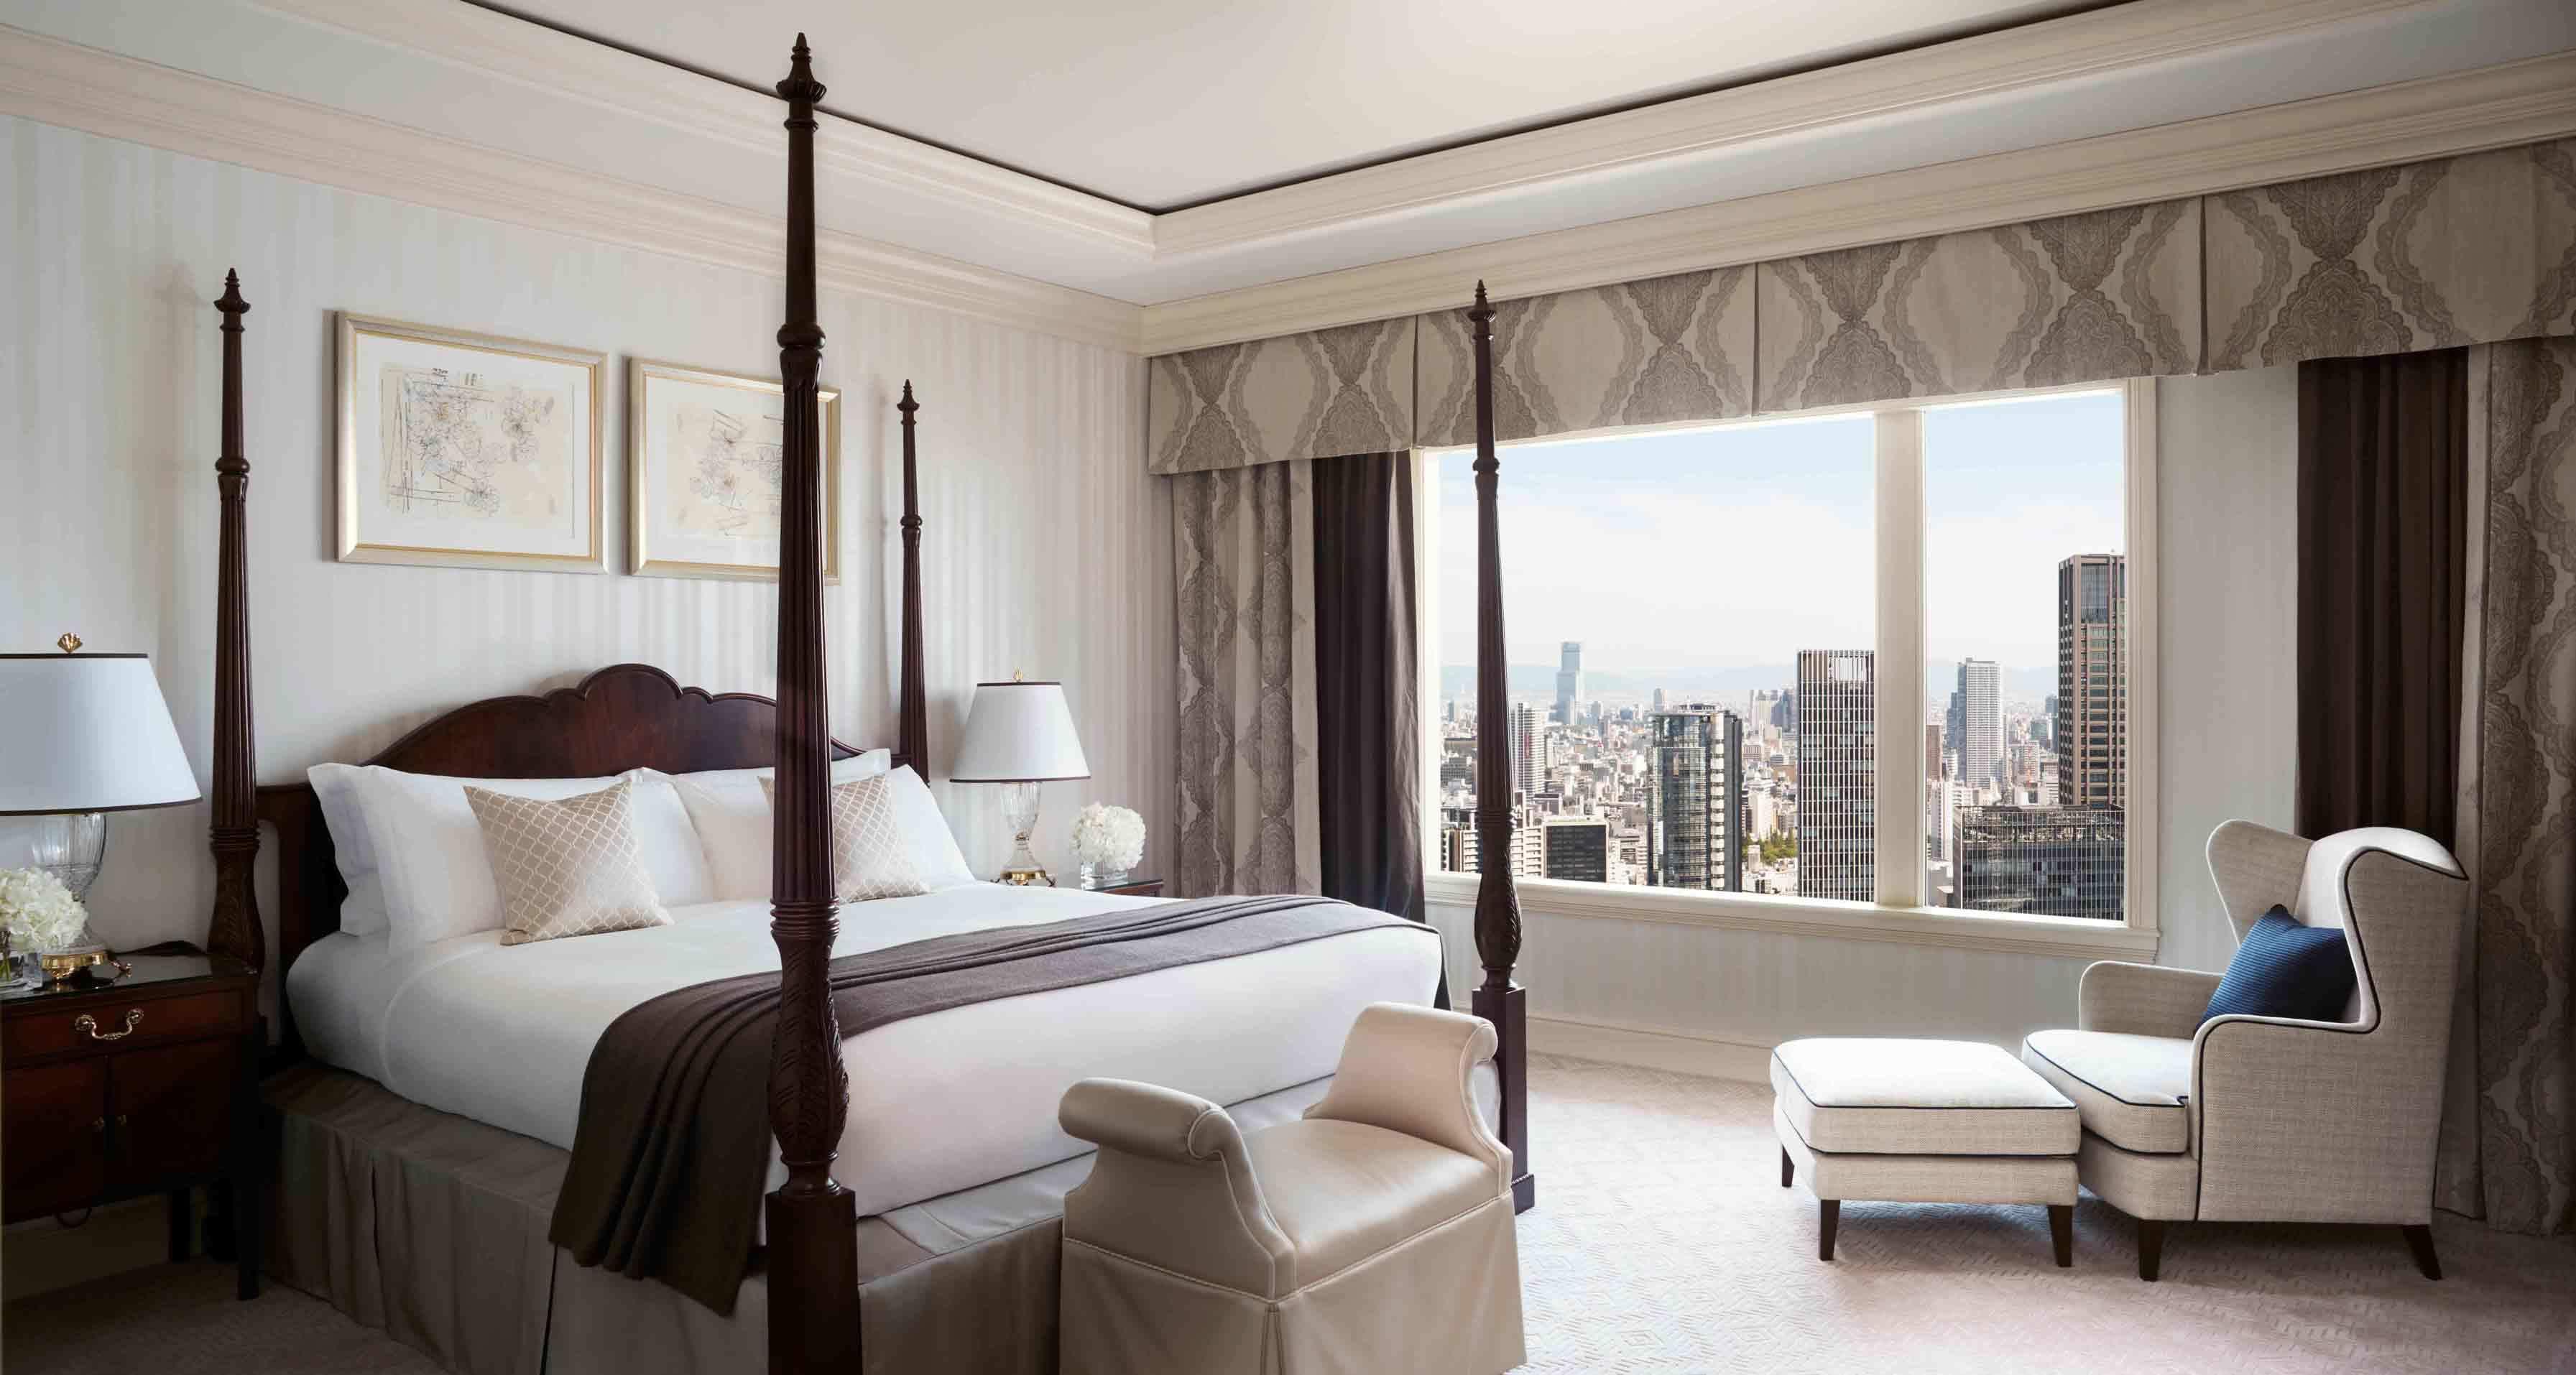 「ラ・プレリー」トリートメントを最高級スイートルームで!美と癒やしを叶える100万円宿泊プラン_1_1